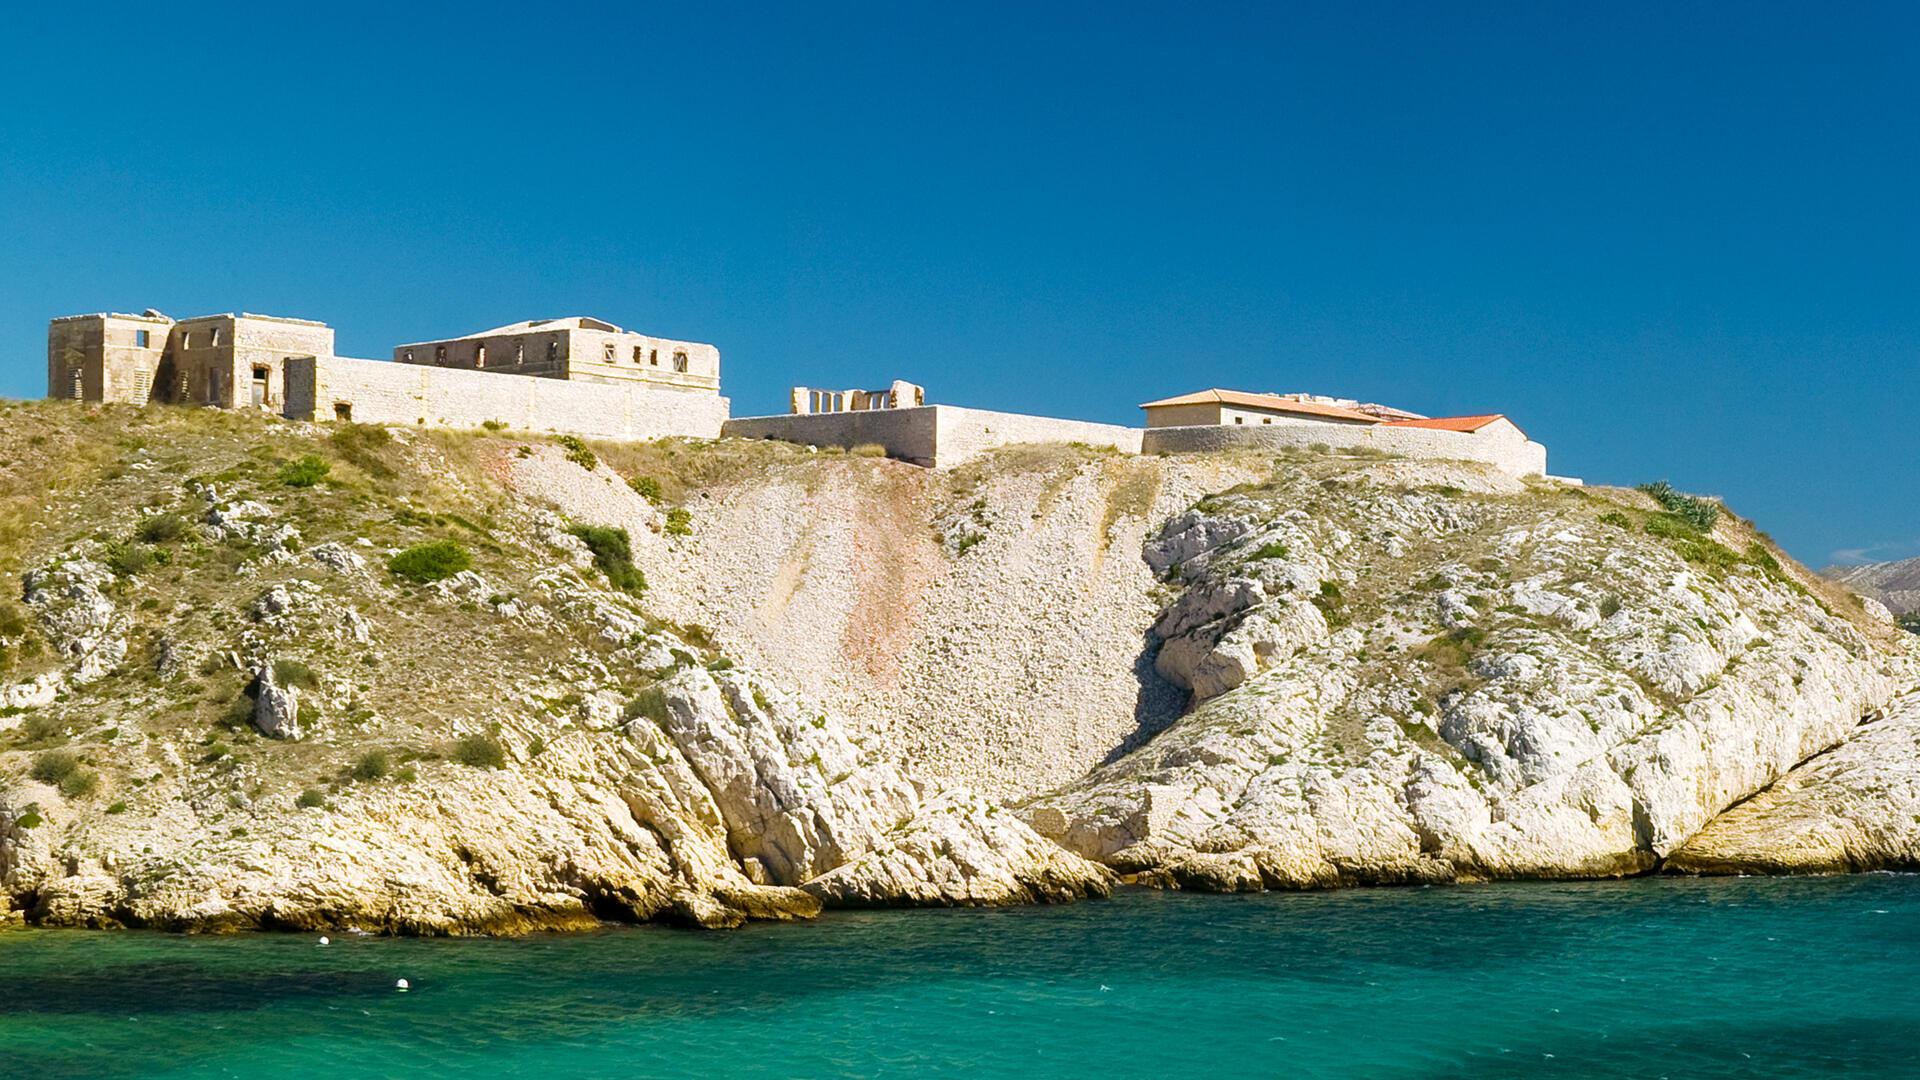 Les vestiges de l'hôpital Caroline, aussi appelé «Hôpital du vent», sur l'île Ratonneau à Marseille.